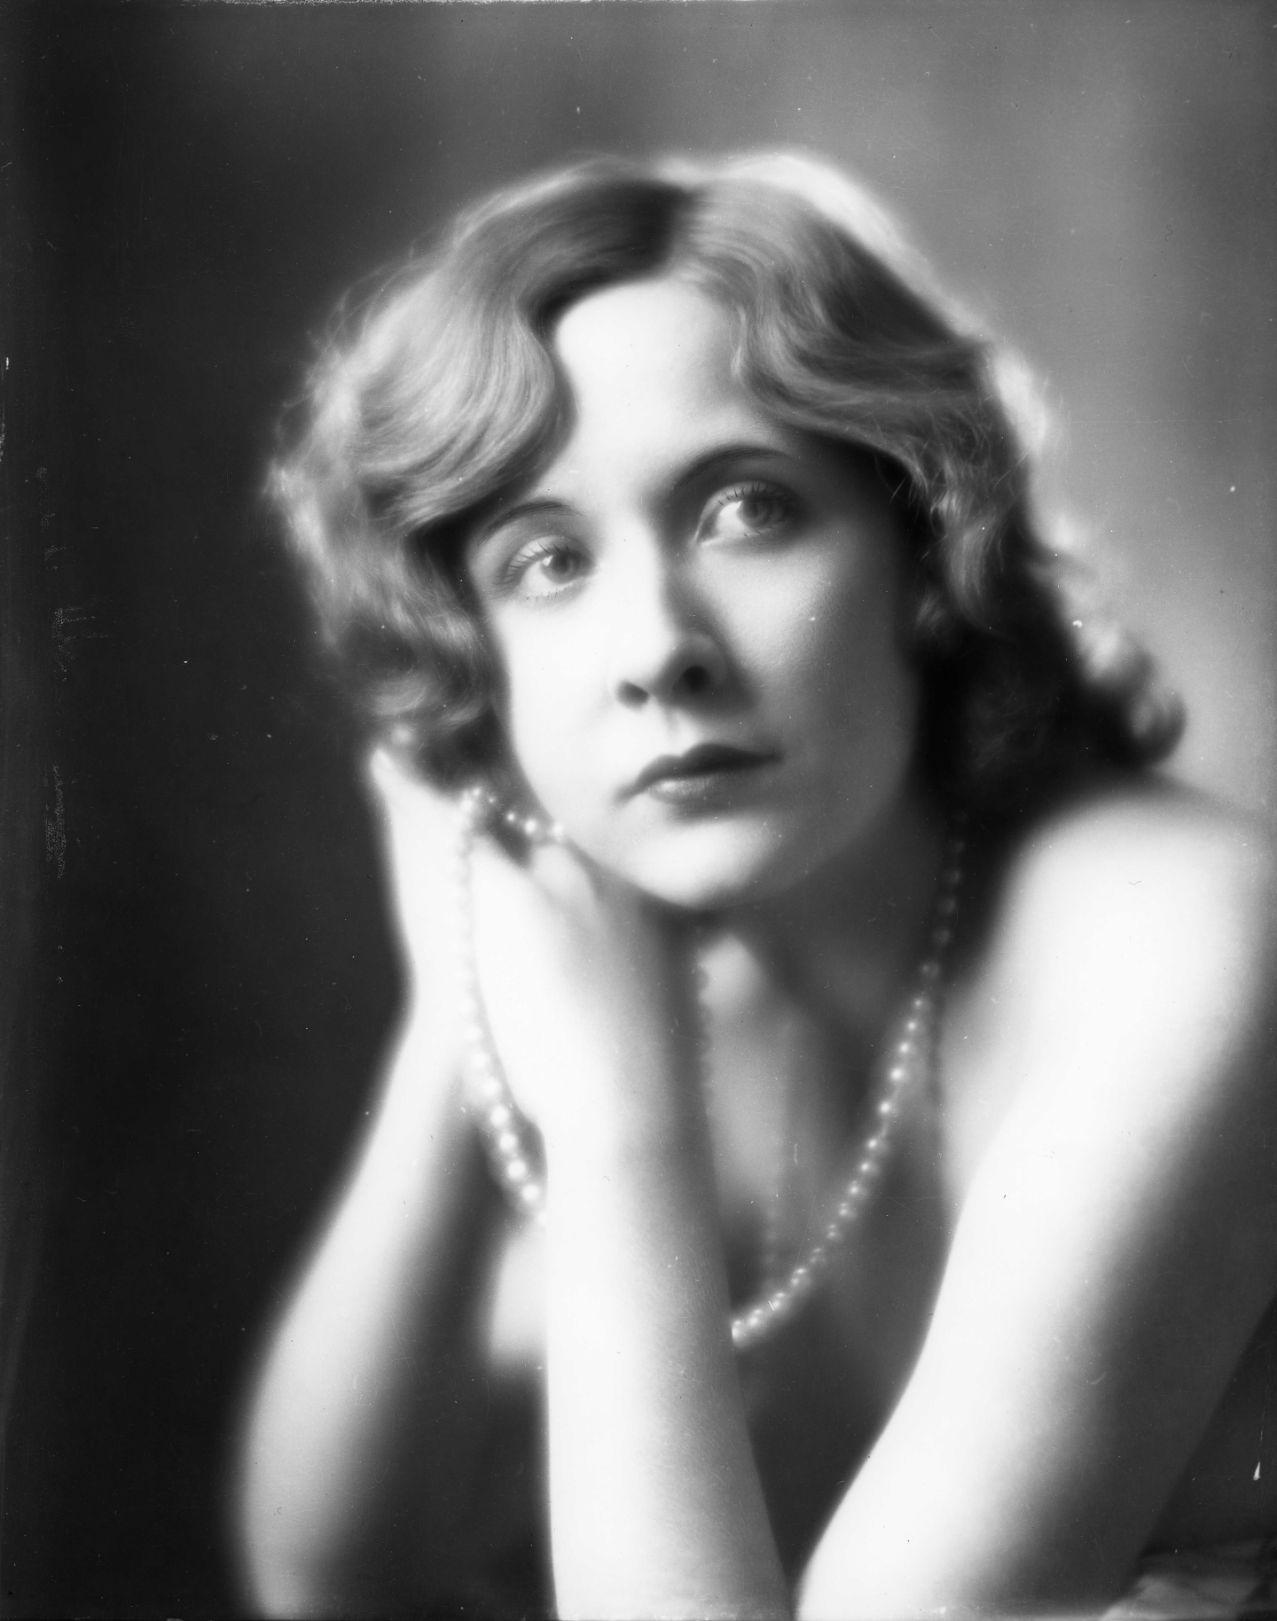 Vivian Vance albuquerque